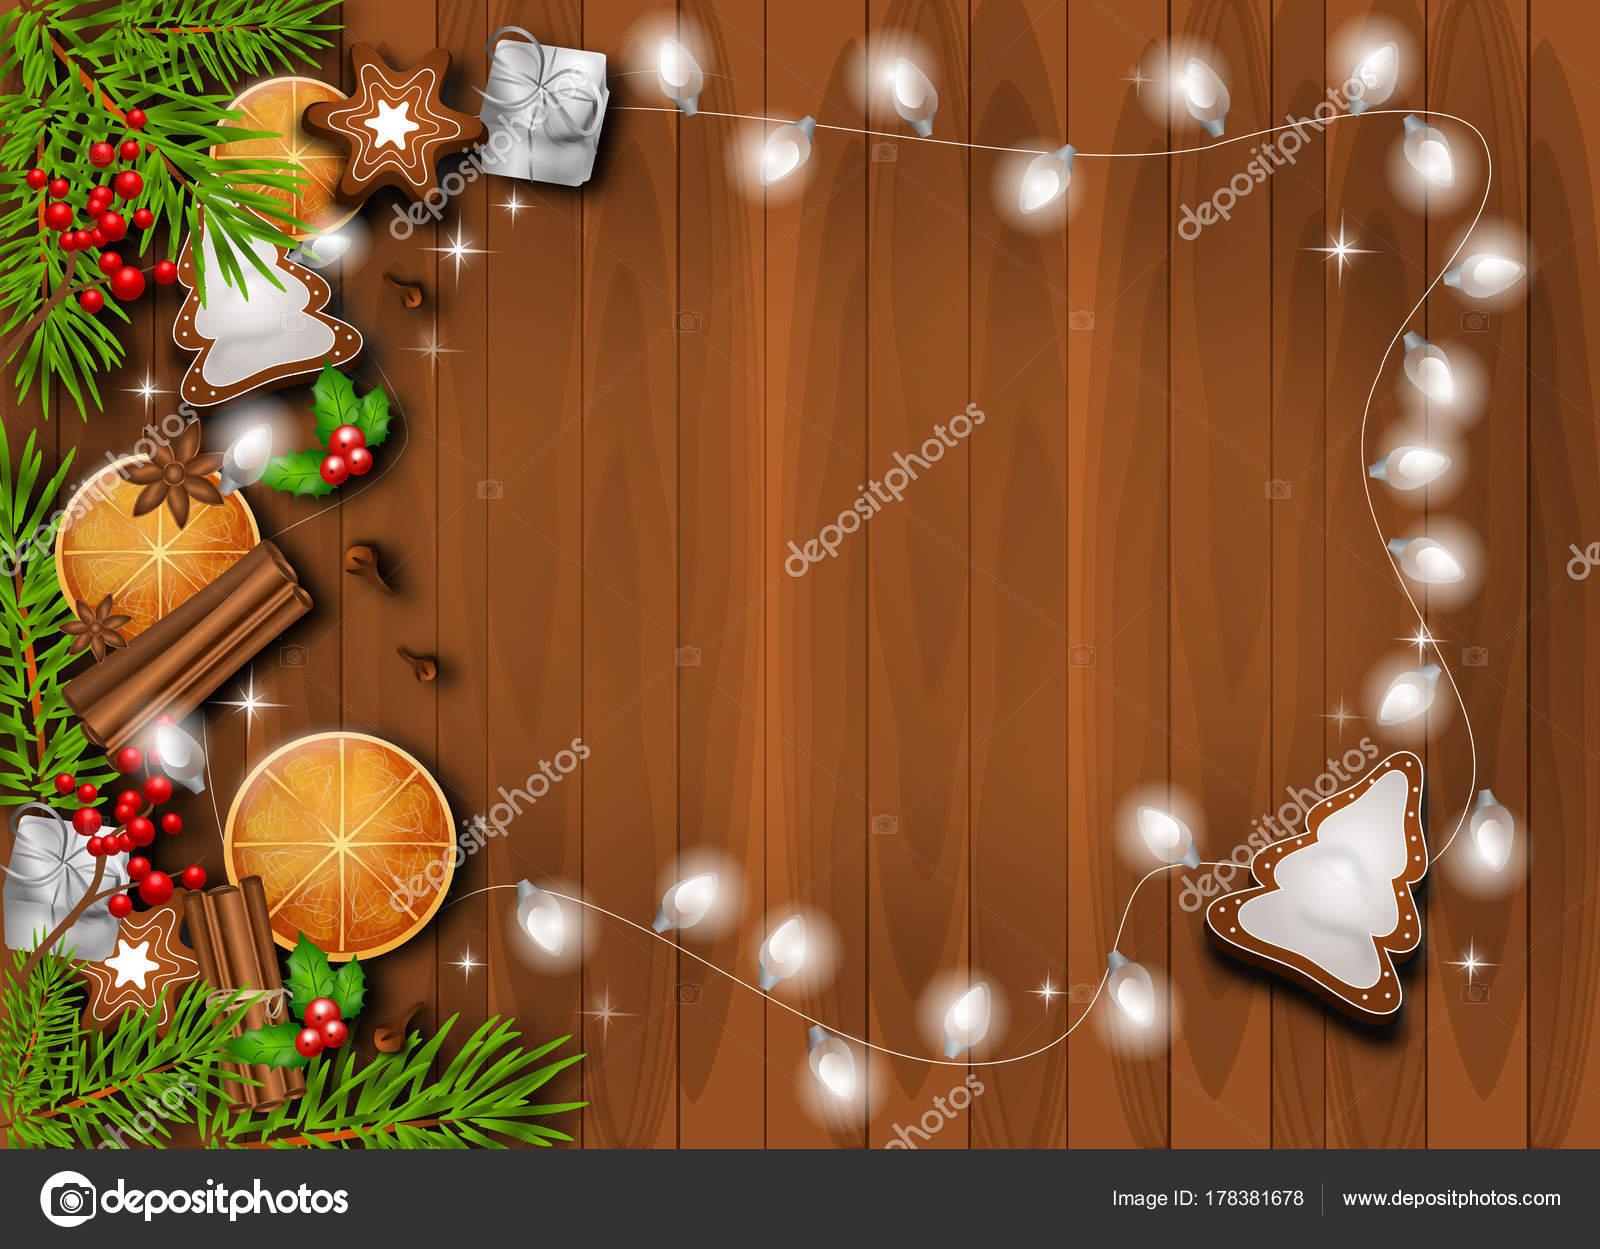 Fondo de navidad hermoso decorado con objetos for Objetos de navidad